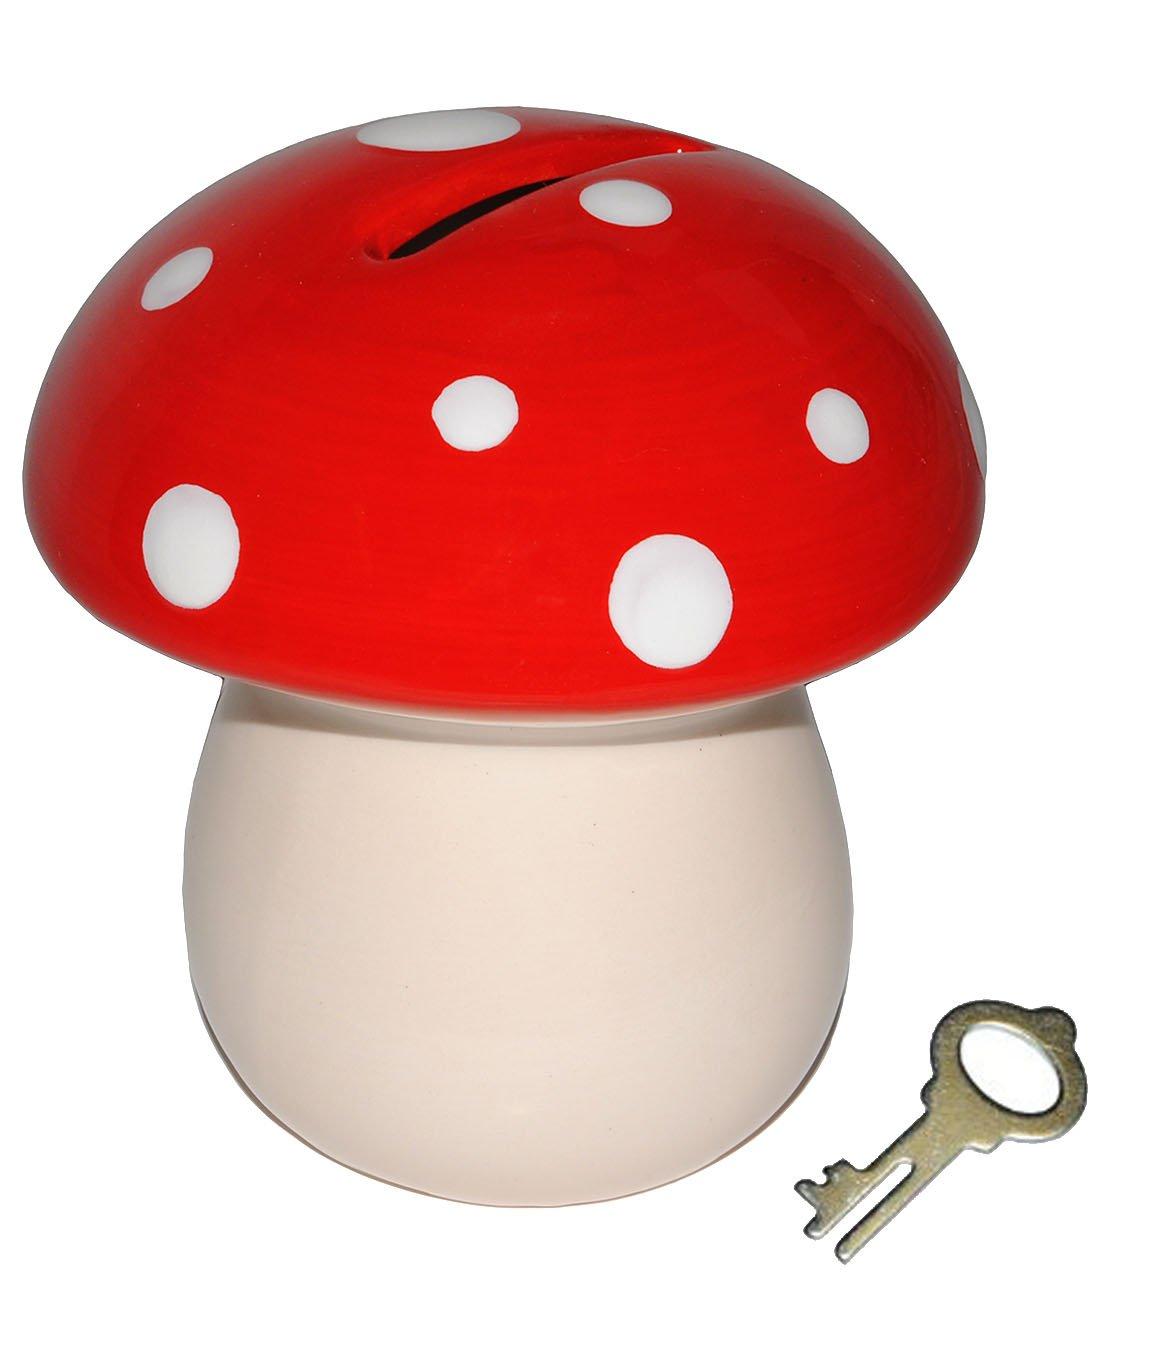 Unbekannt Sparschwein Pilz - Porzellan / Keramik mit Schlüssel - Incl. Wunschname - Stabile Sparbüchse Spardose Kinder Figur groß Glückspilz Kinder-Land